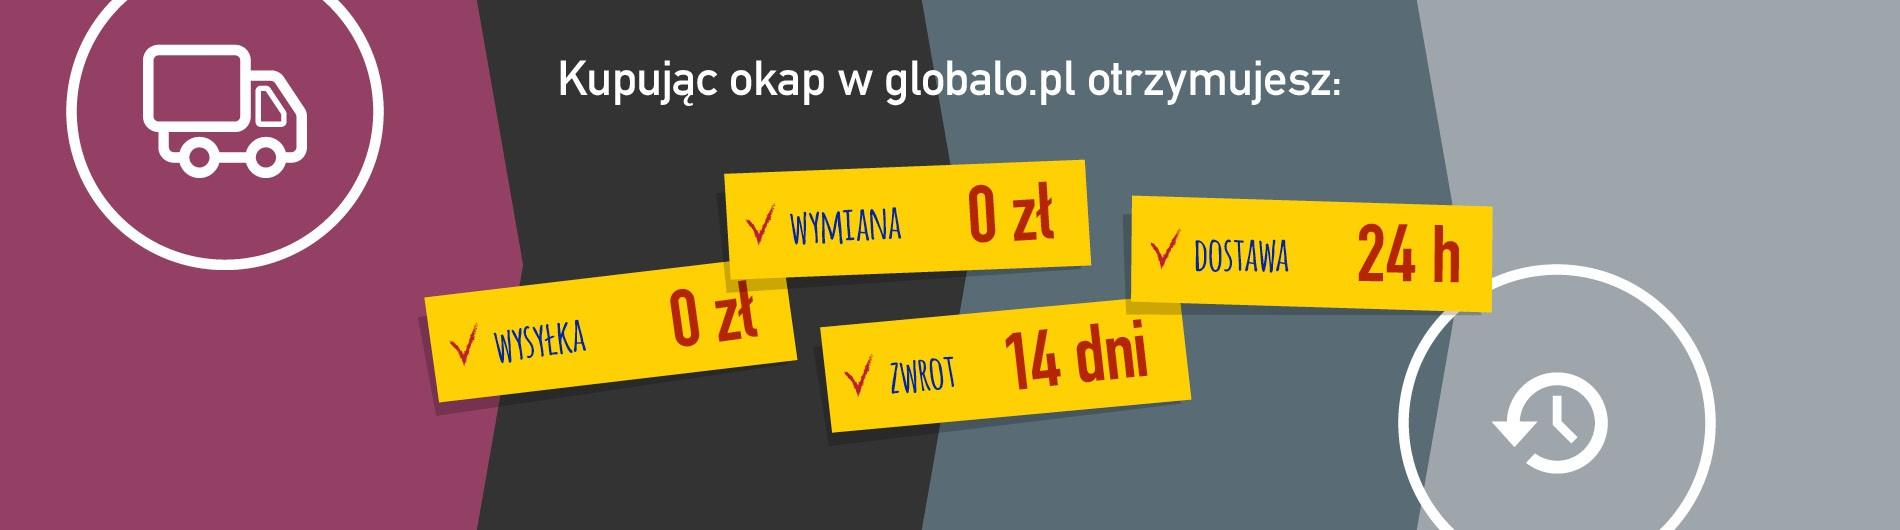 globalo dostawa